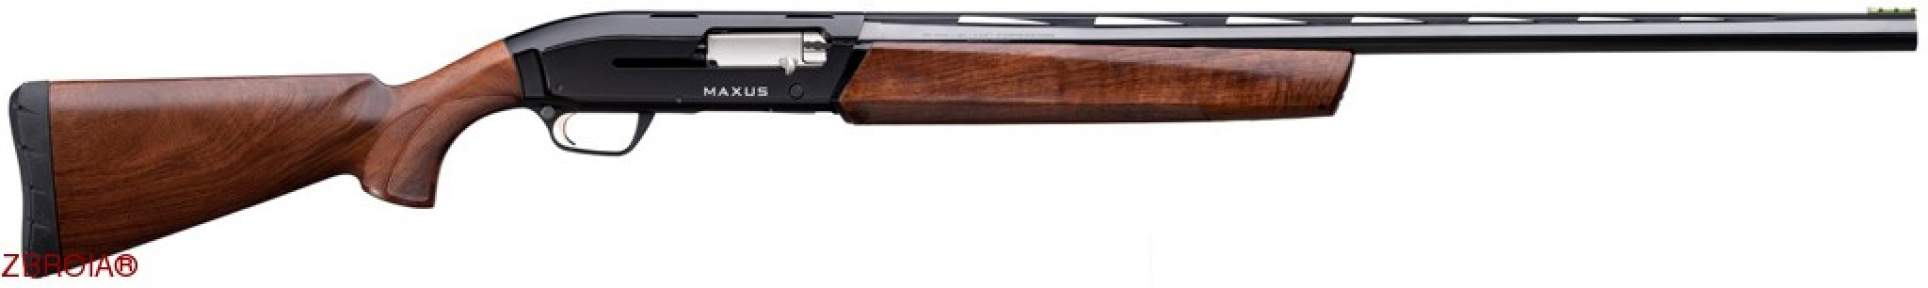 Ружье Browning Maxus Standart 12M кал. 12/76